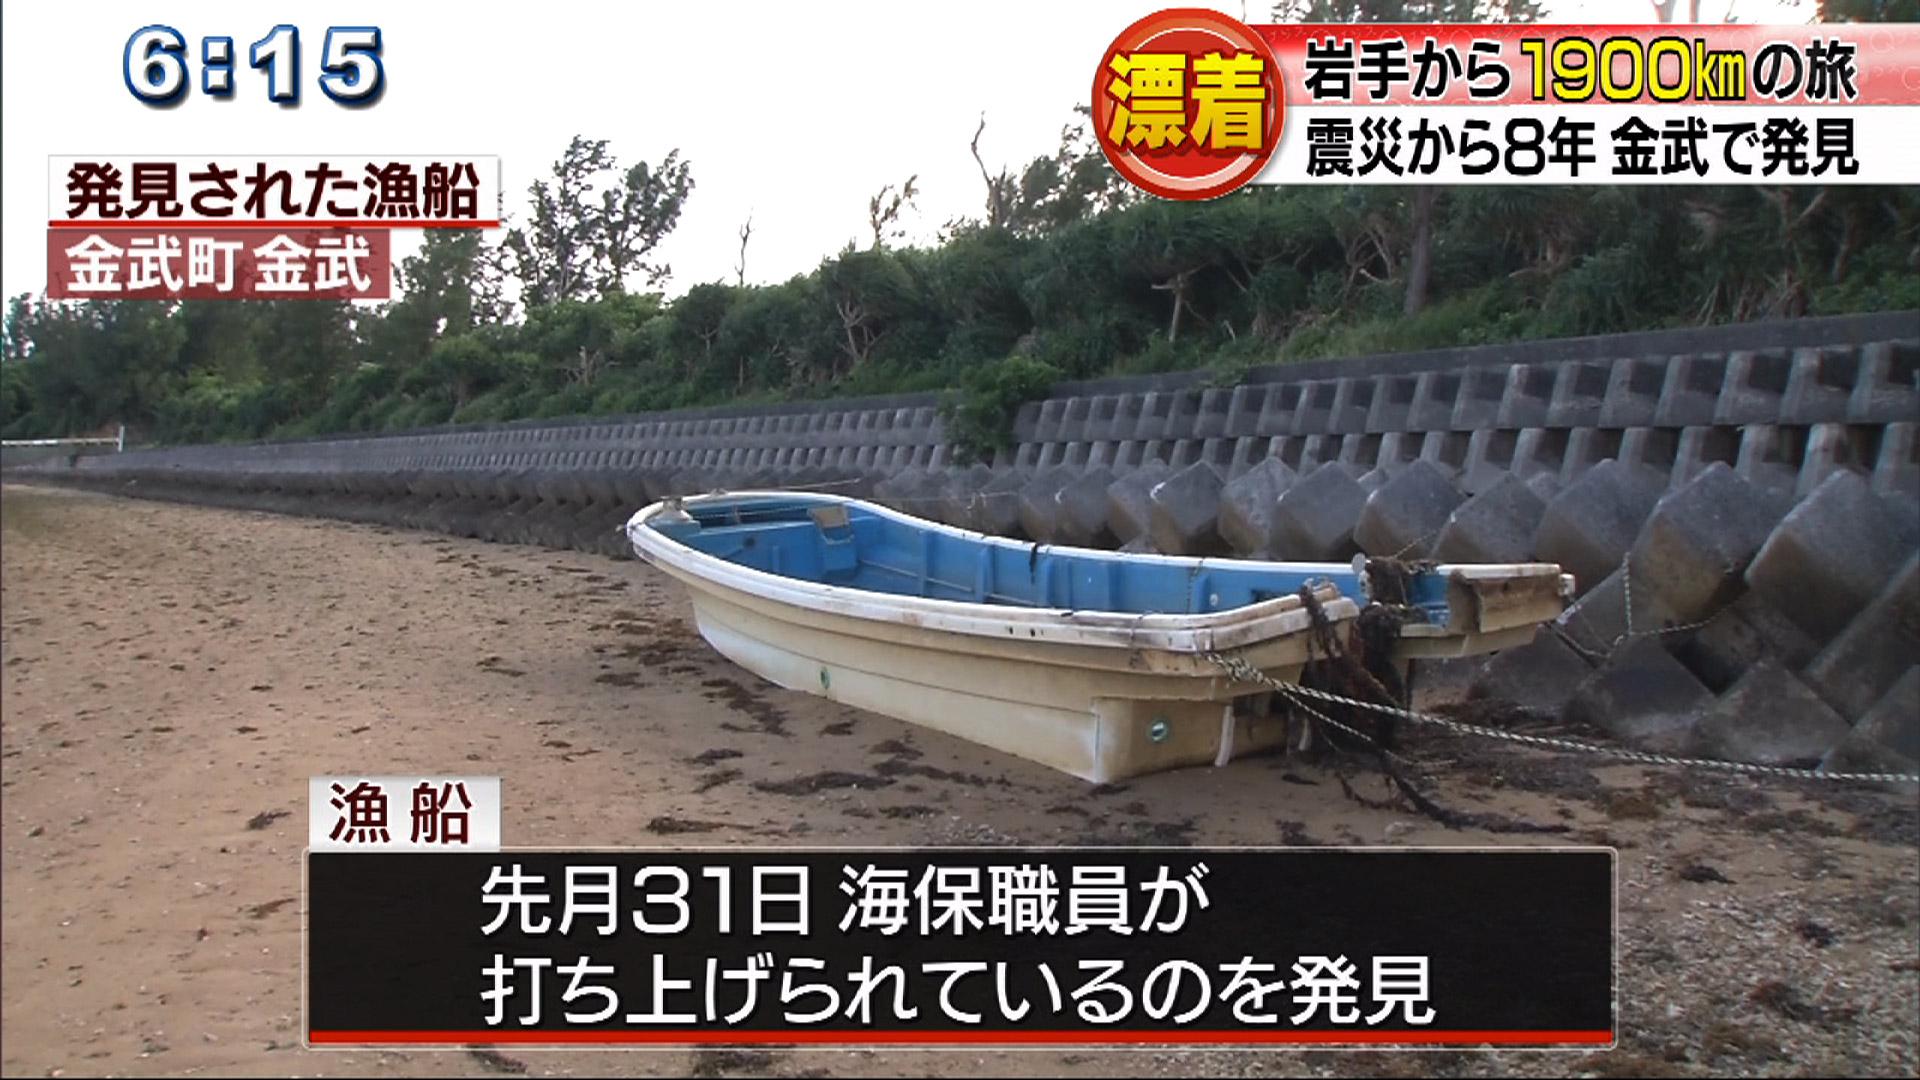 岩手の漁船 1900キロ離れた金武で発見